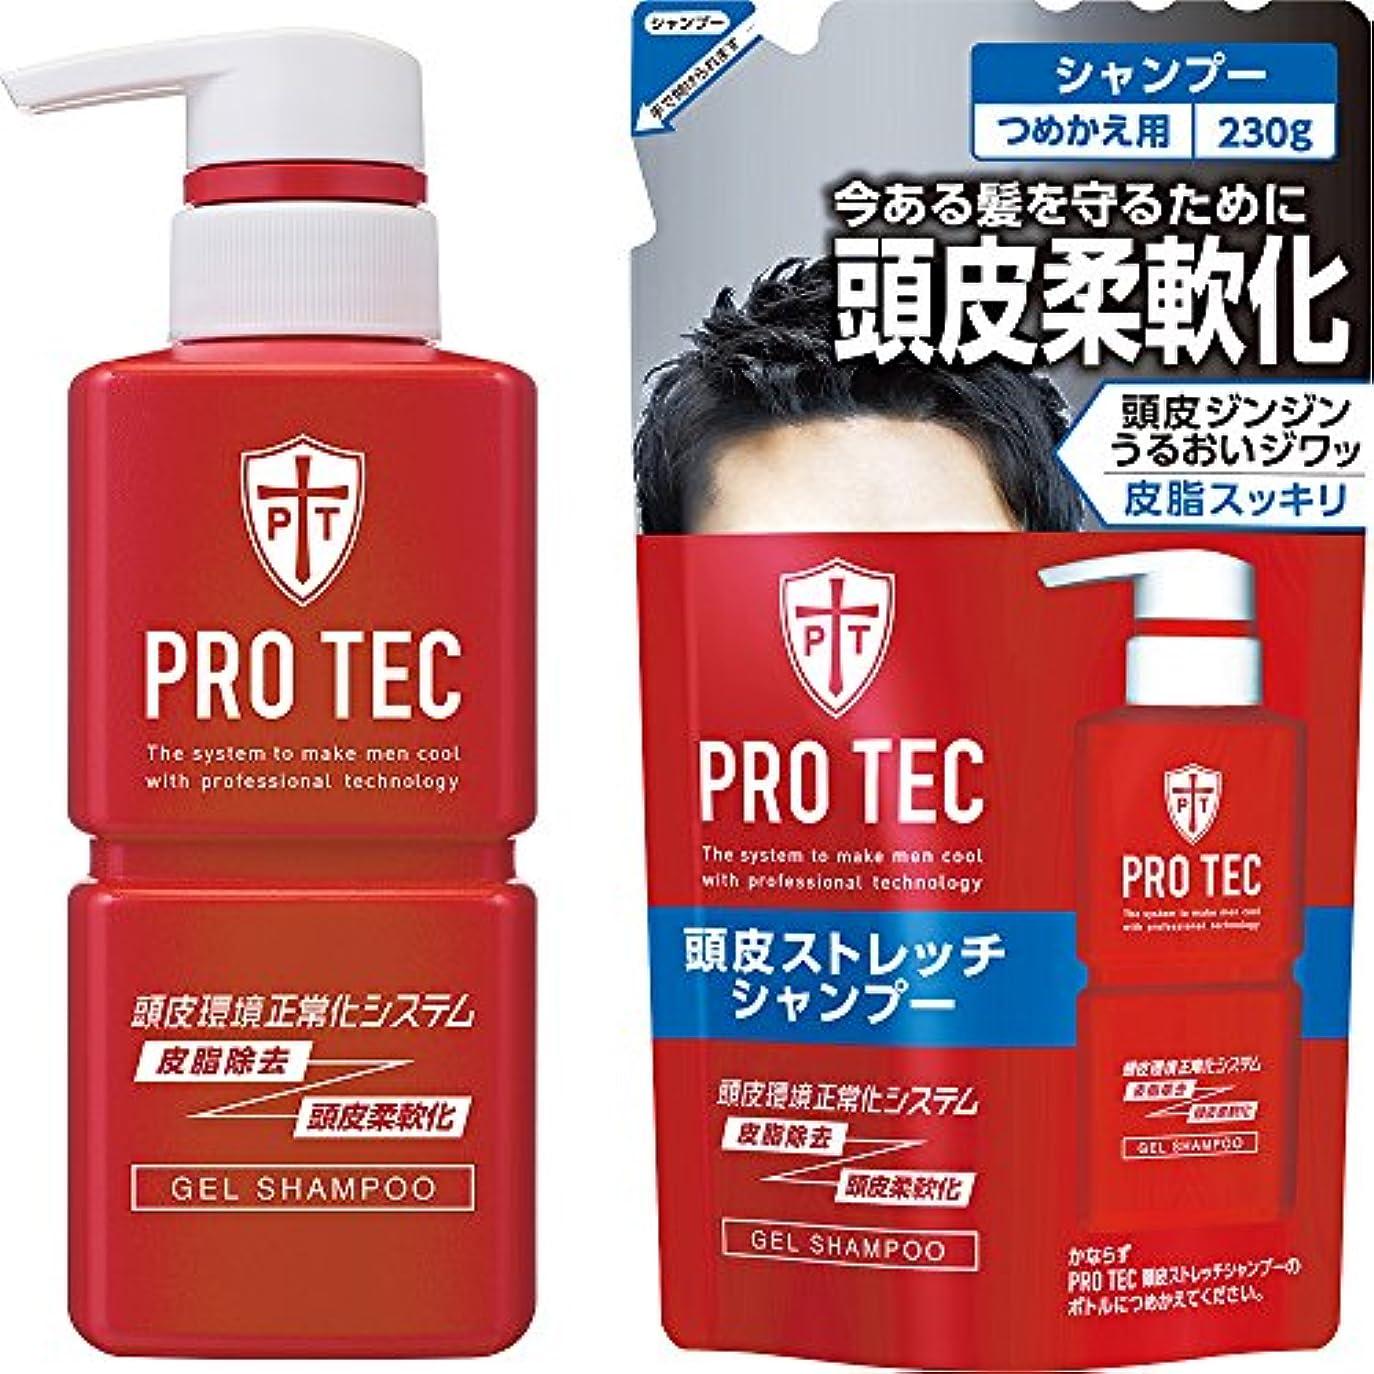 実り多い注ぎます勤勉PRO TEC(プロテク) 頭皮ストレッチシャンプー 本体ポンプ300g+詰め替え230g セット(医薬部外品)